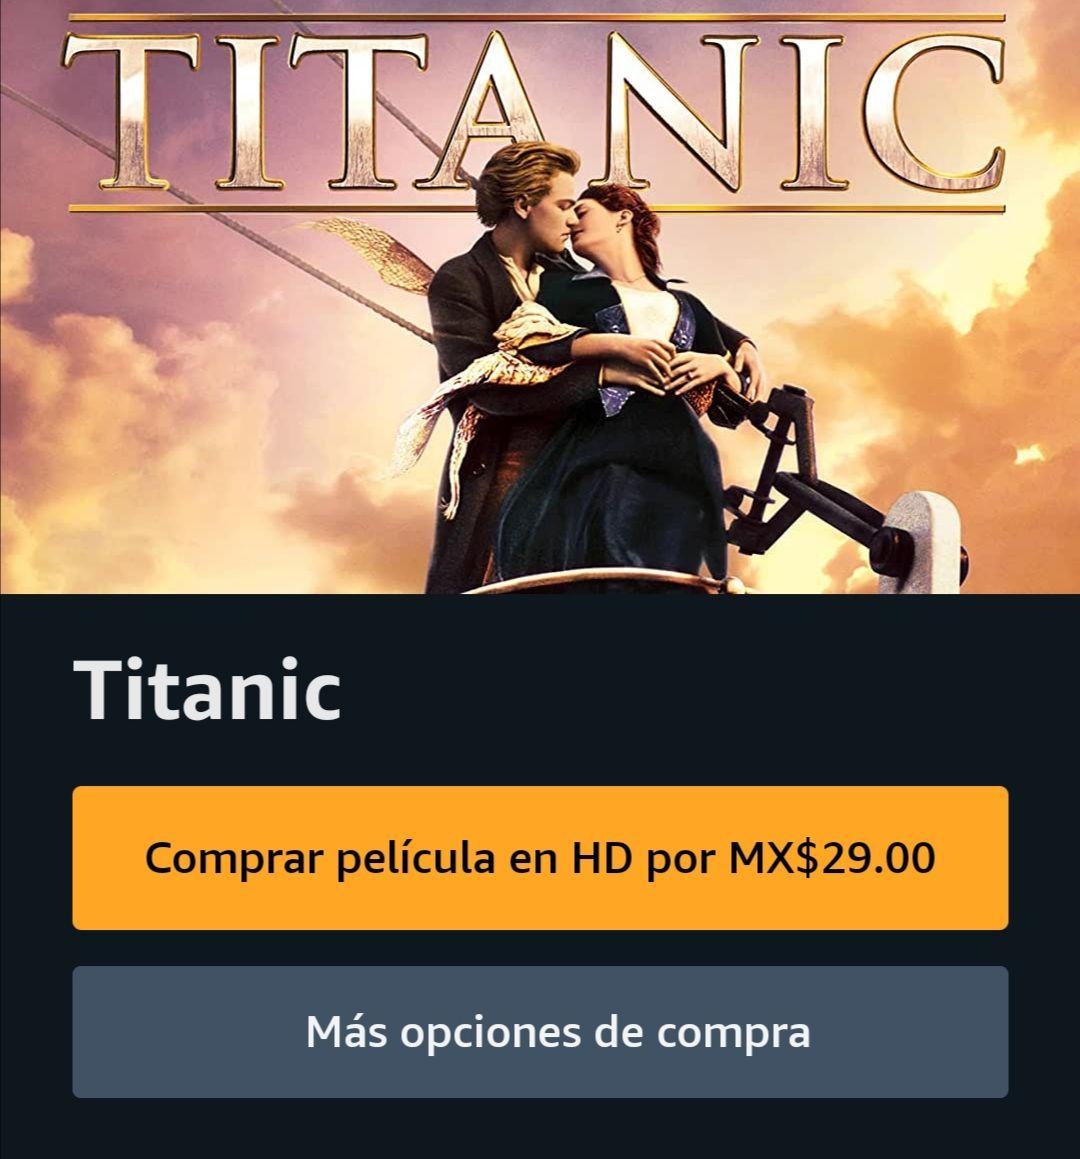 Amazon Prime: Titanic 29 Pesitos